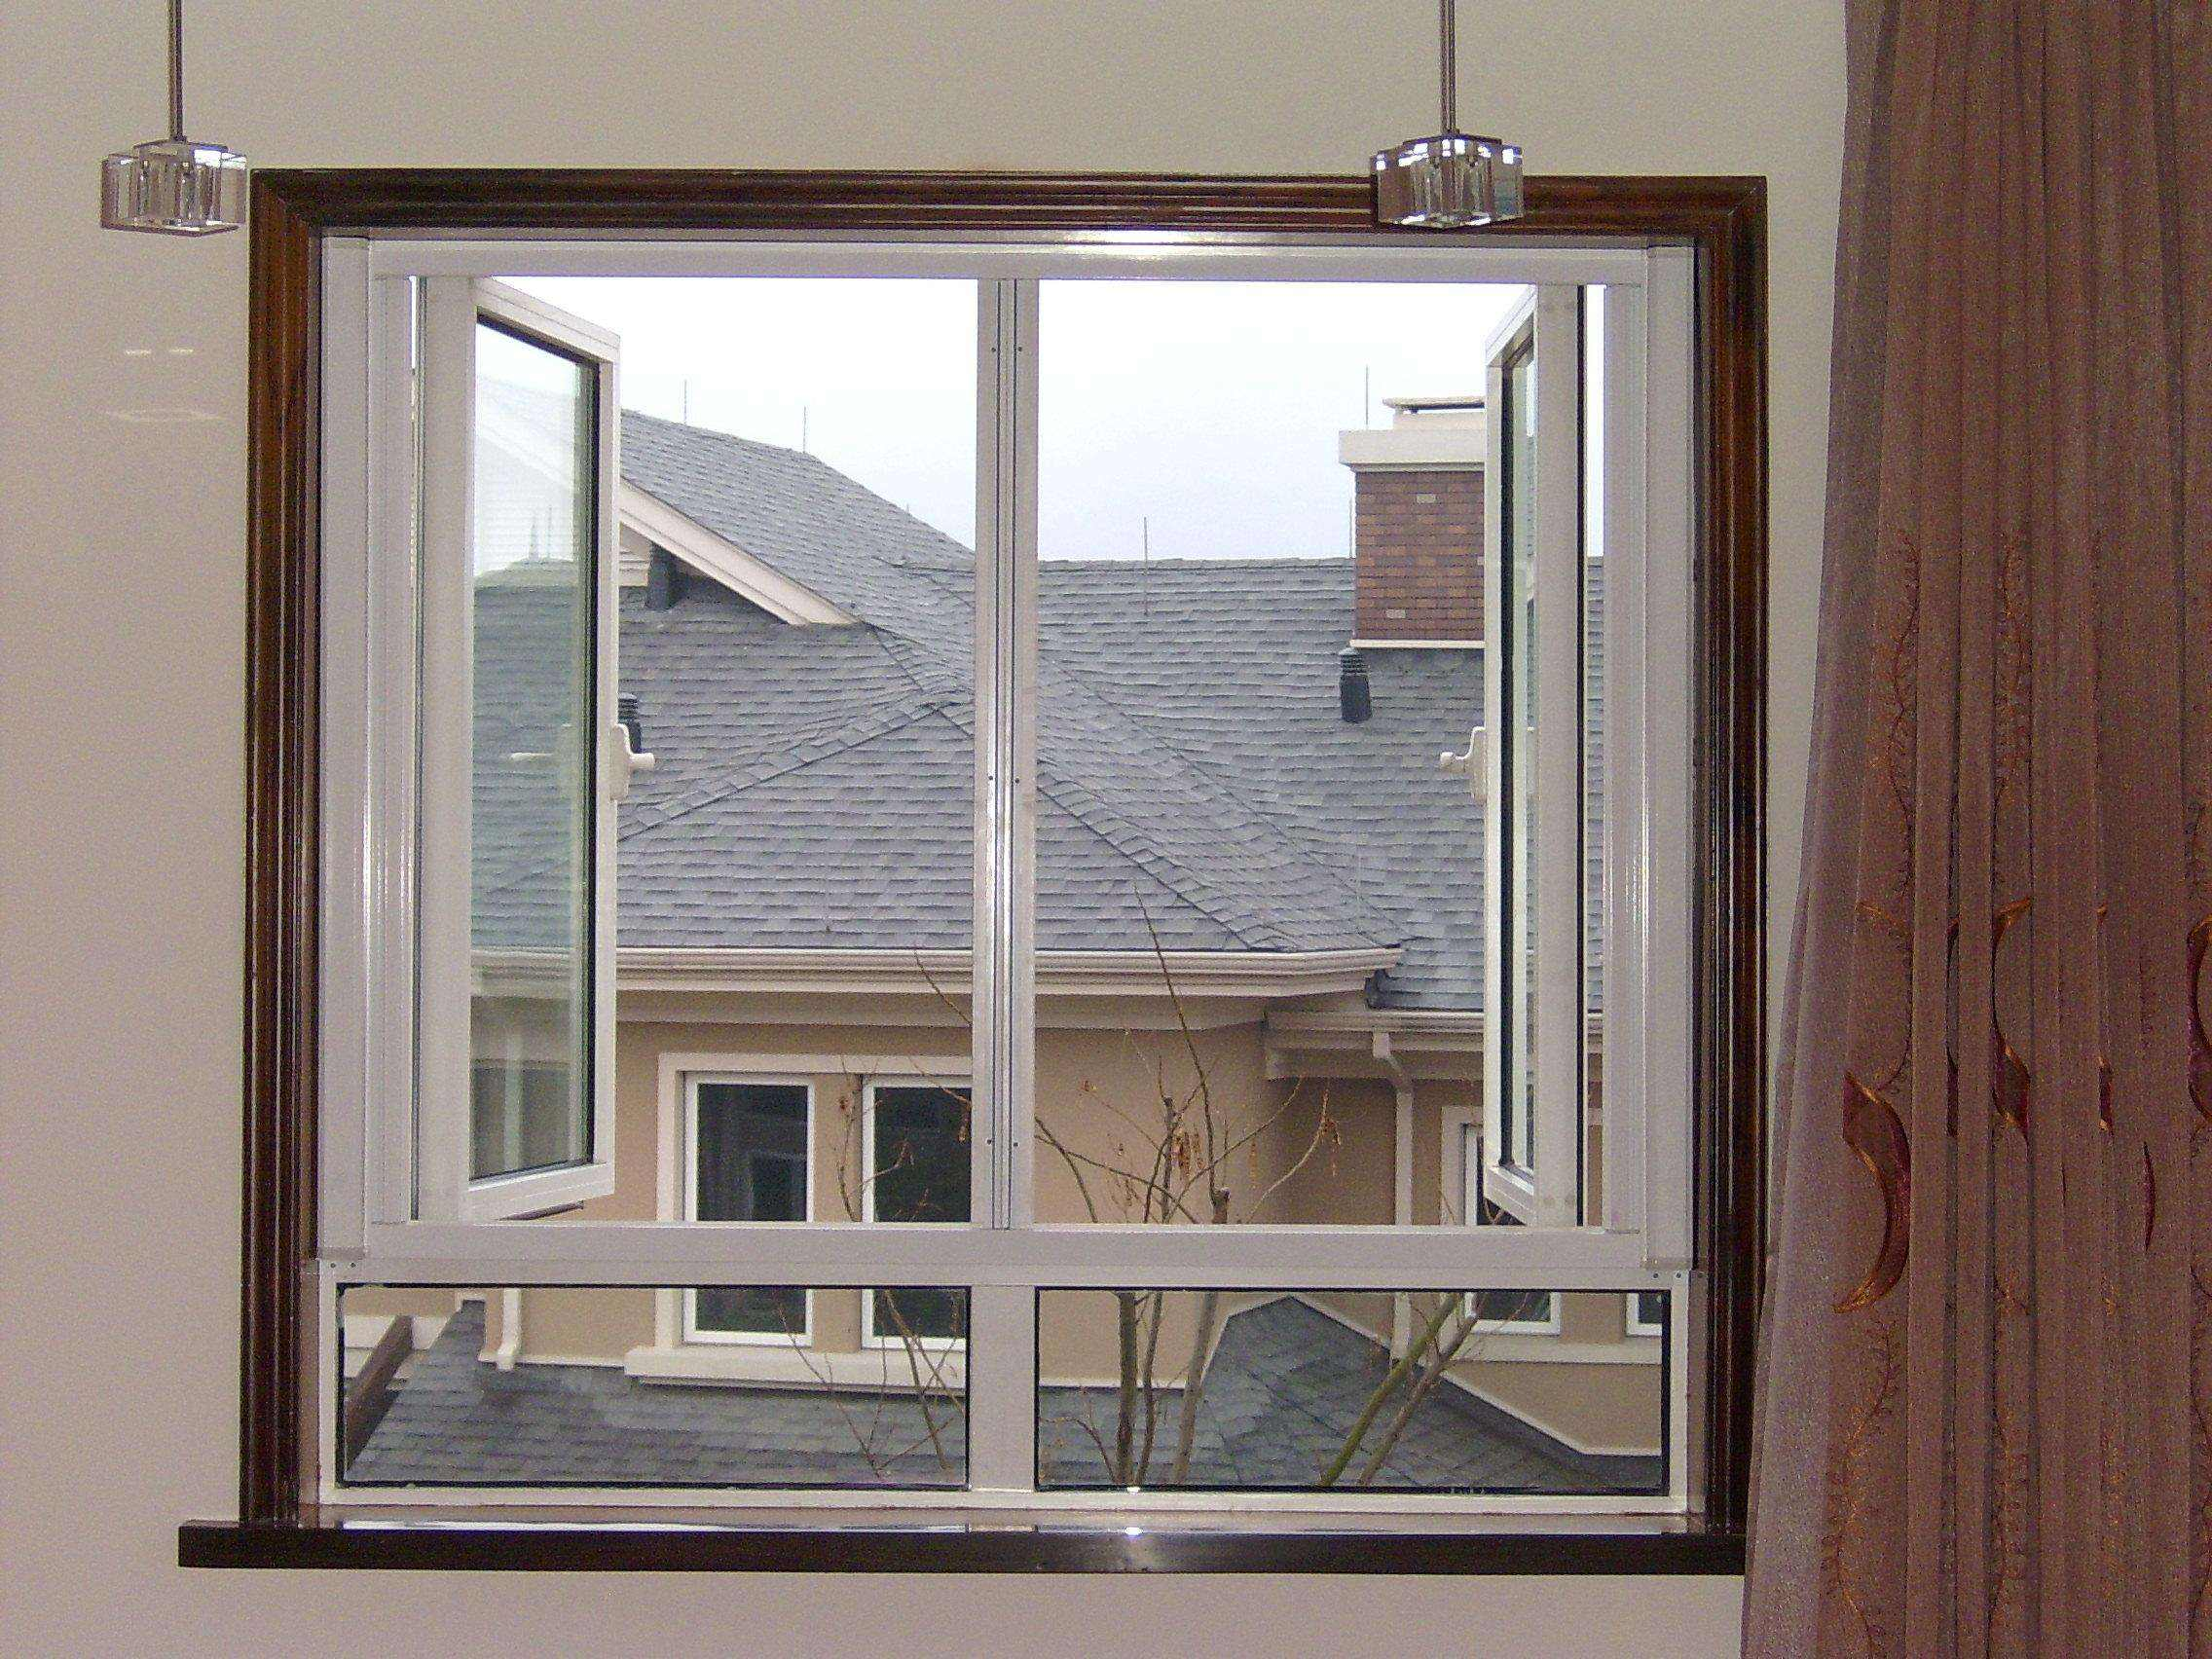 断桥铝门窗适合用来封阳台的原因是什么?